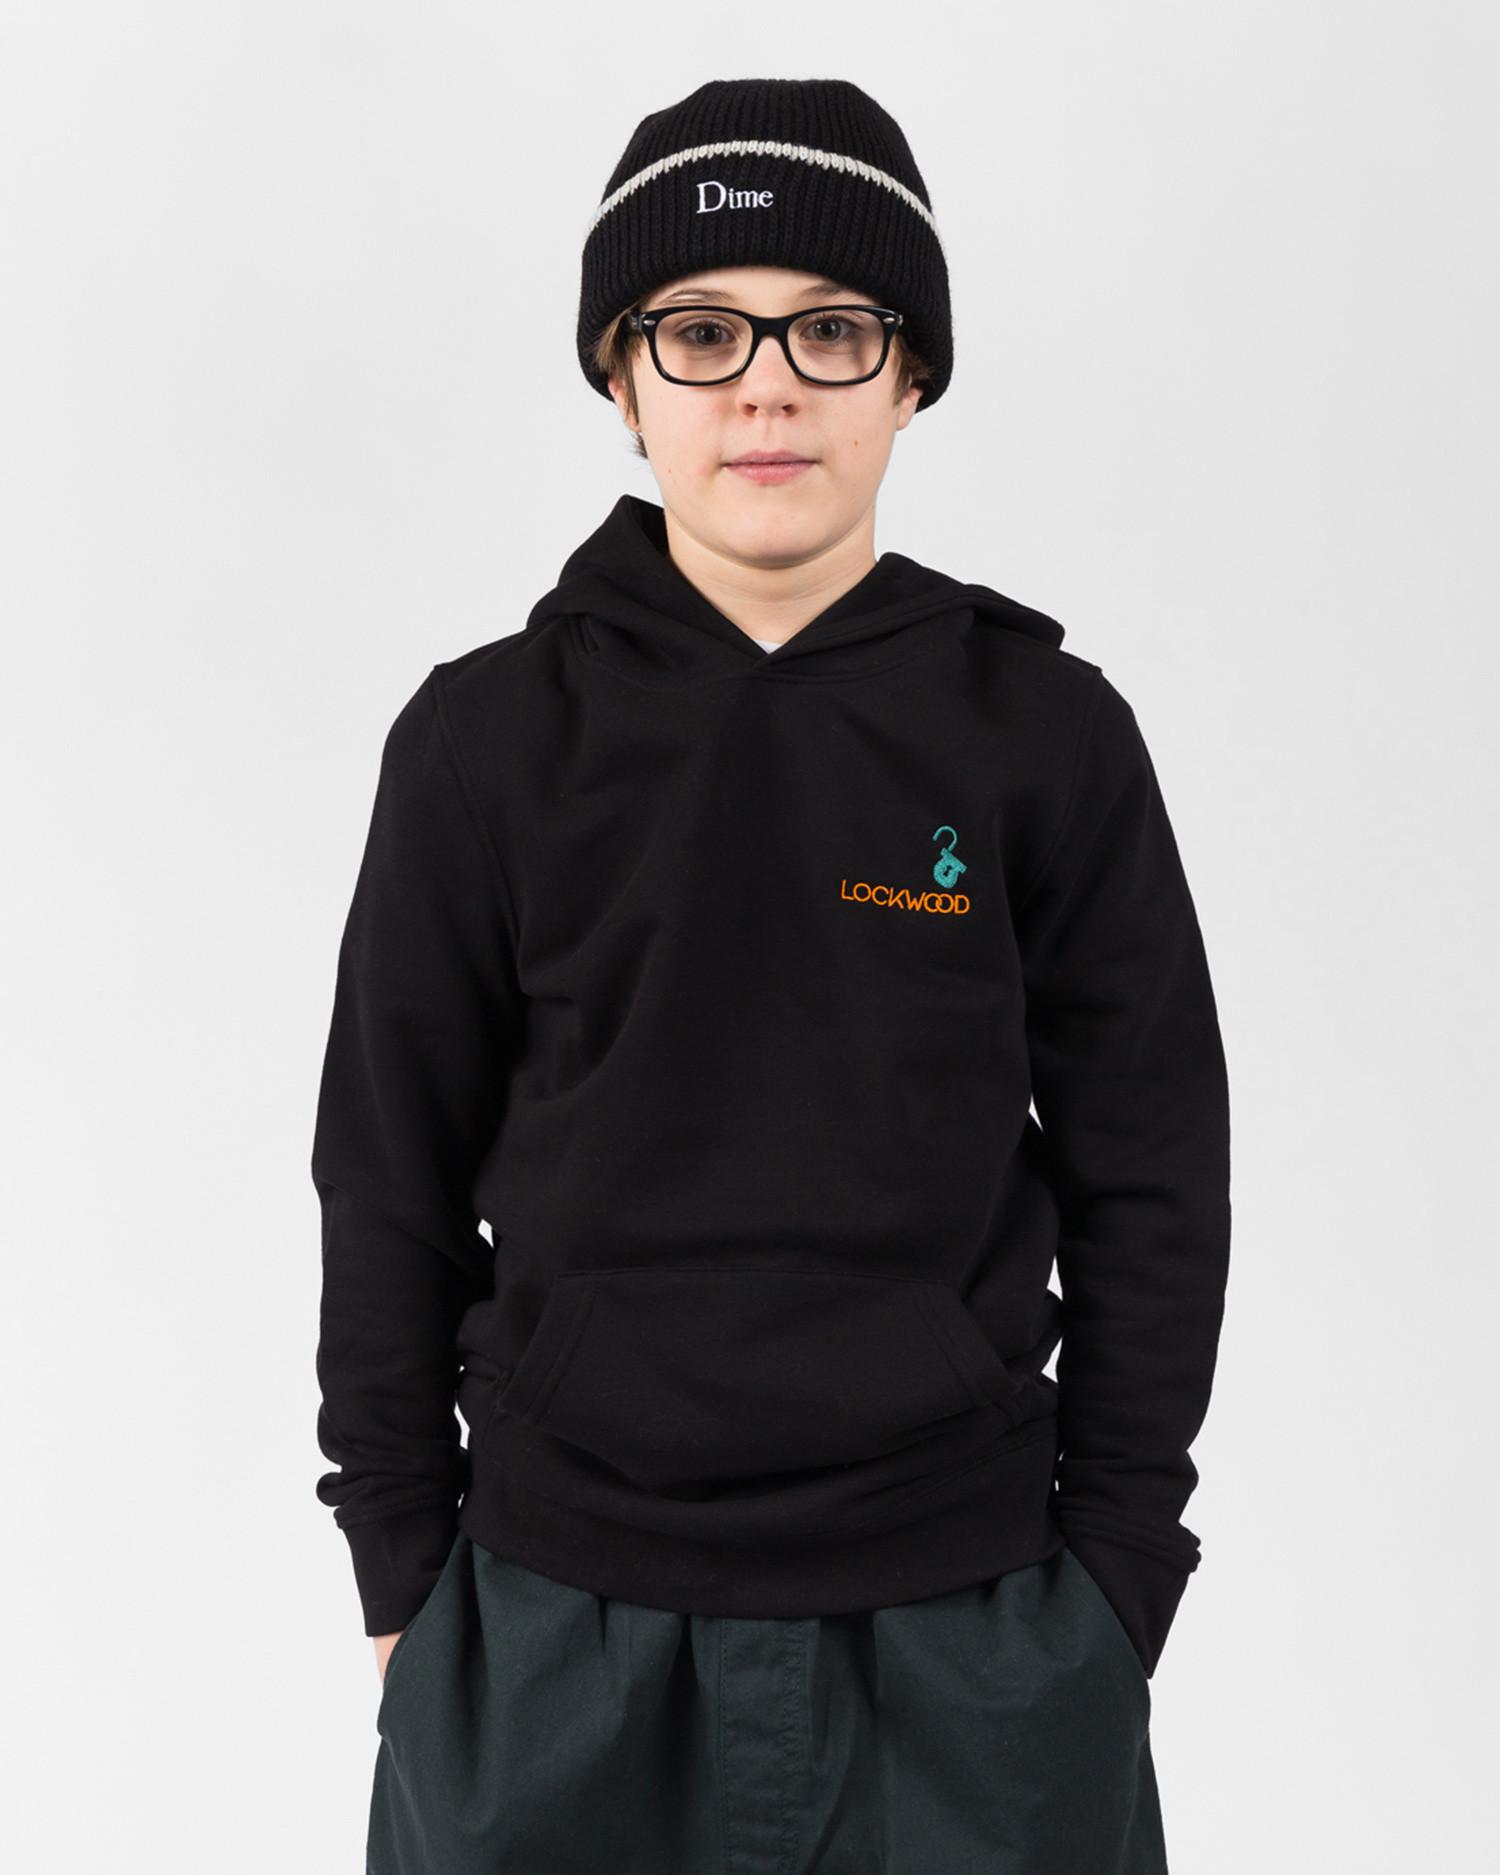 Lockwood Kids Embroidery Hoodie Black